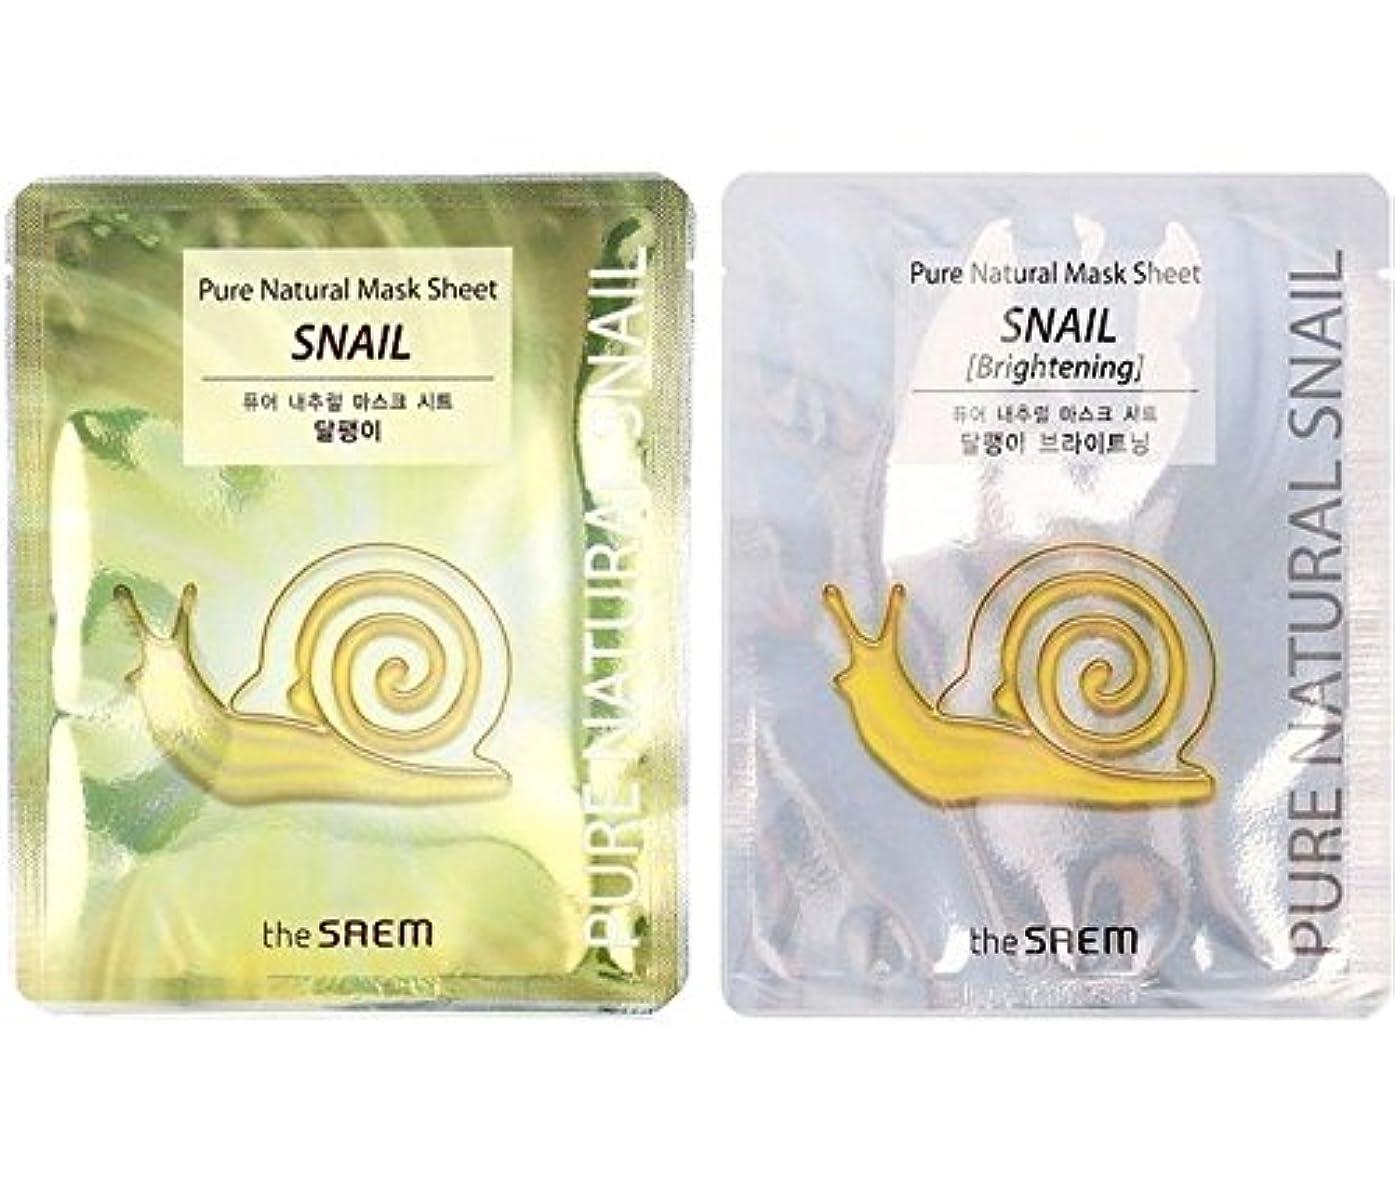 大臣廃止する保険をかける(ザセム) The Saem 韓国マスクパックカタツムリ20枚セット(10+10) ピュアナチュラルマスクシートスネイルブライトニング Pure Natural Mask Sheet Snail Brightening...